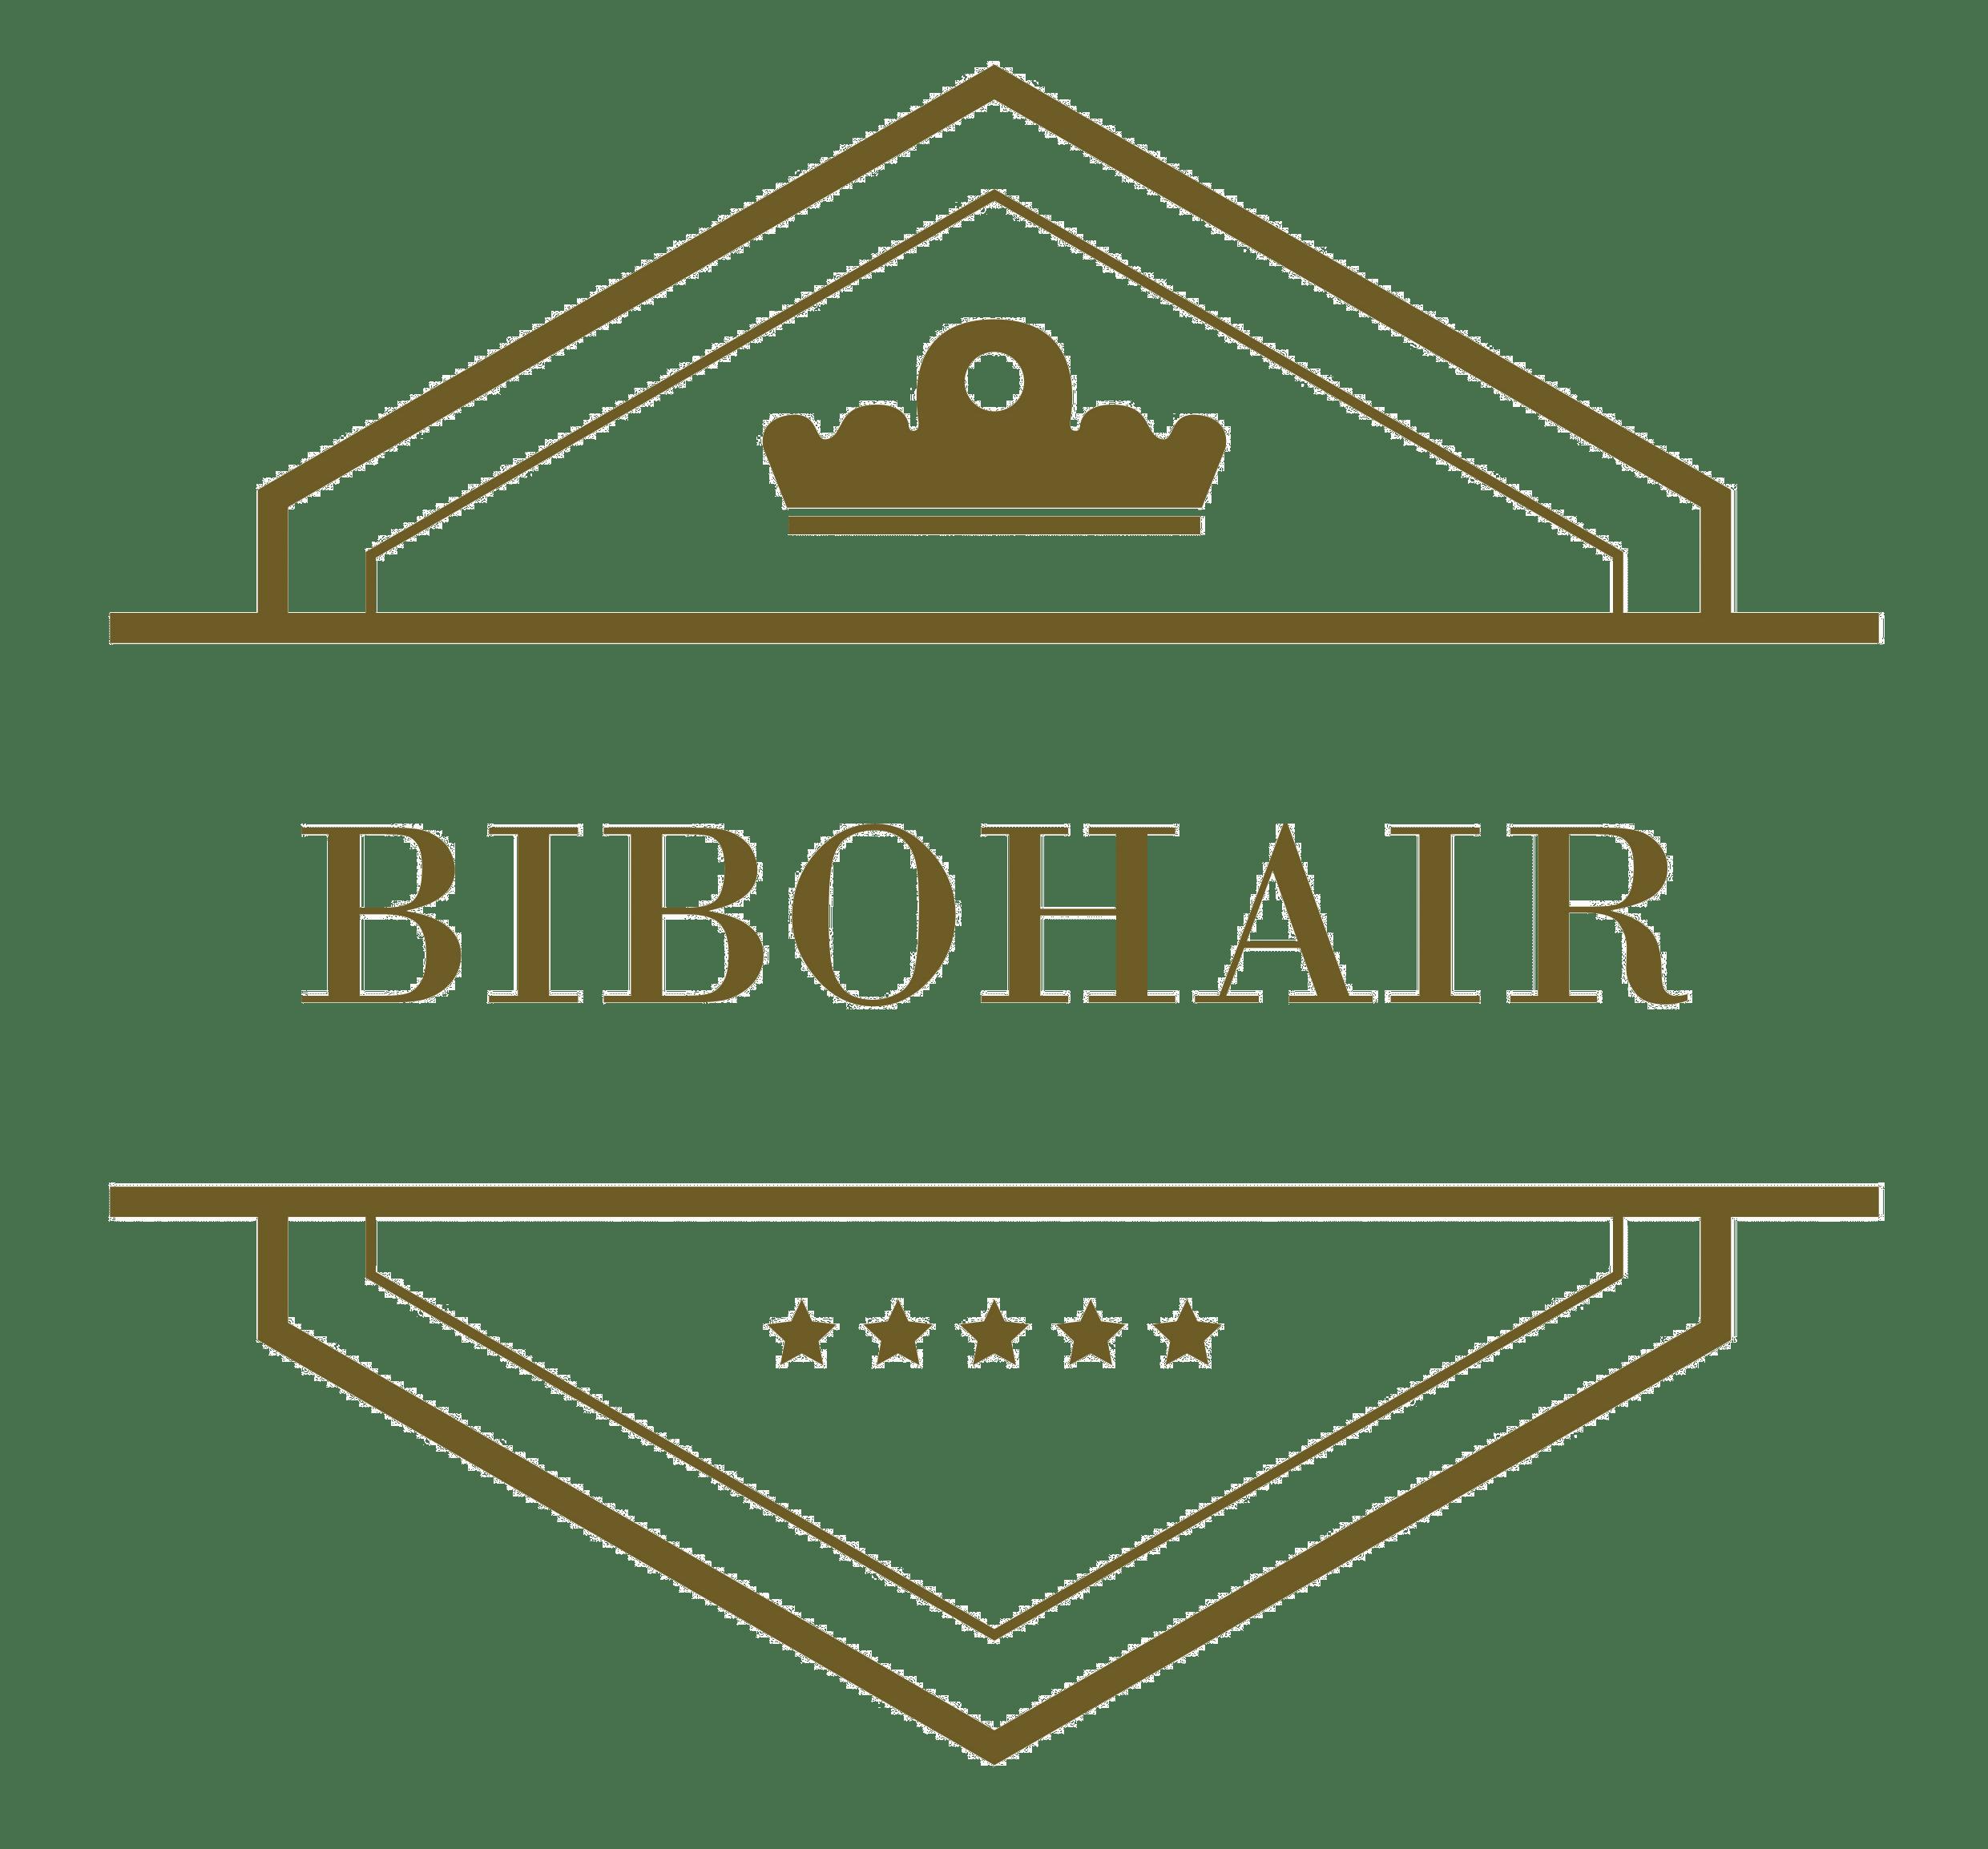 bibohair